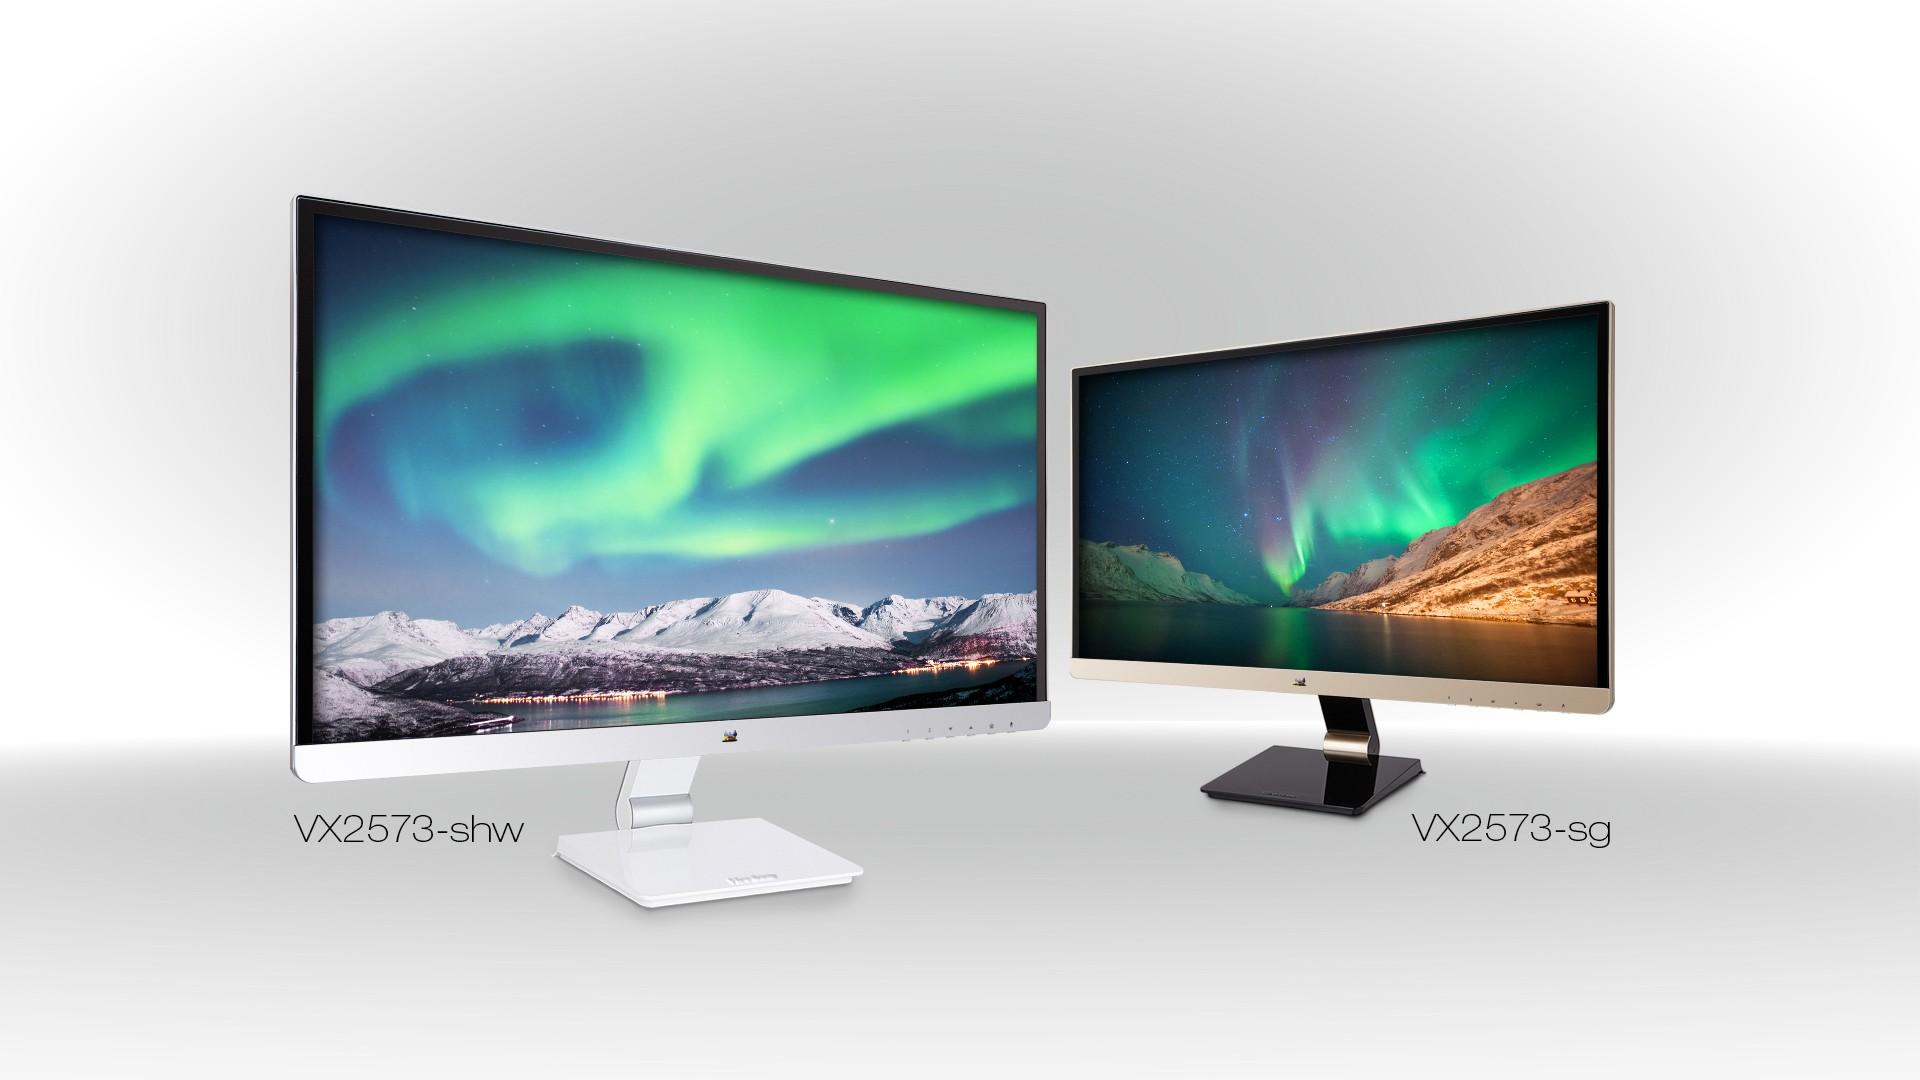 GROUP IMAGE VX2573 01 - ViewSonic giới thiệu dòng màn hình VX2573 IPS 25-inch